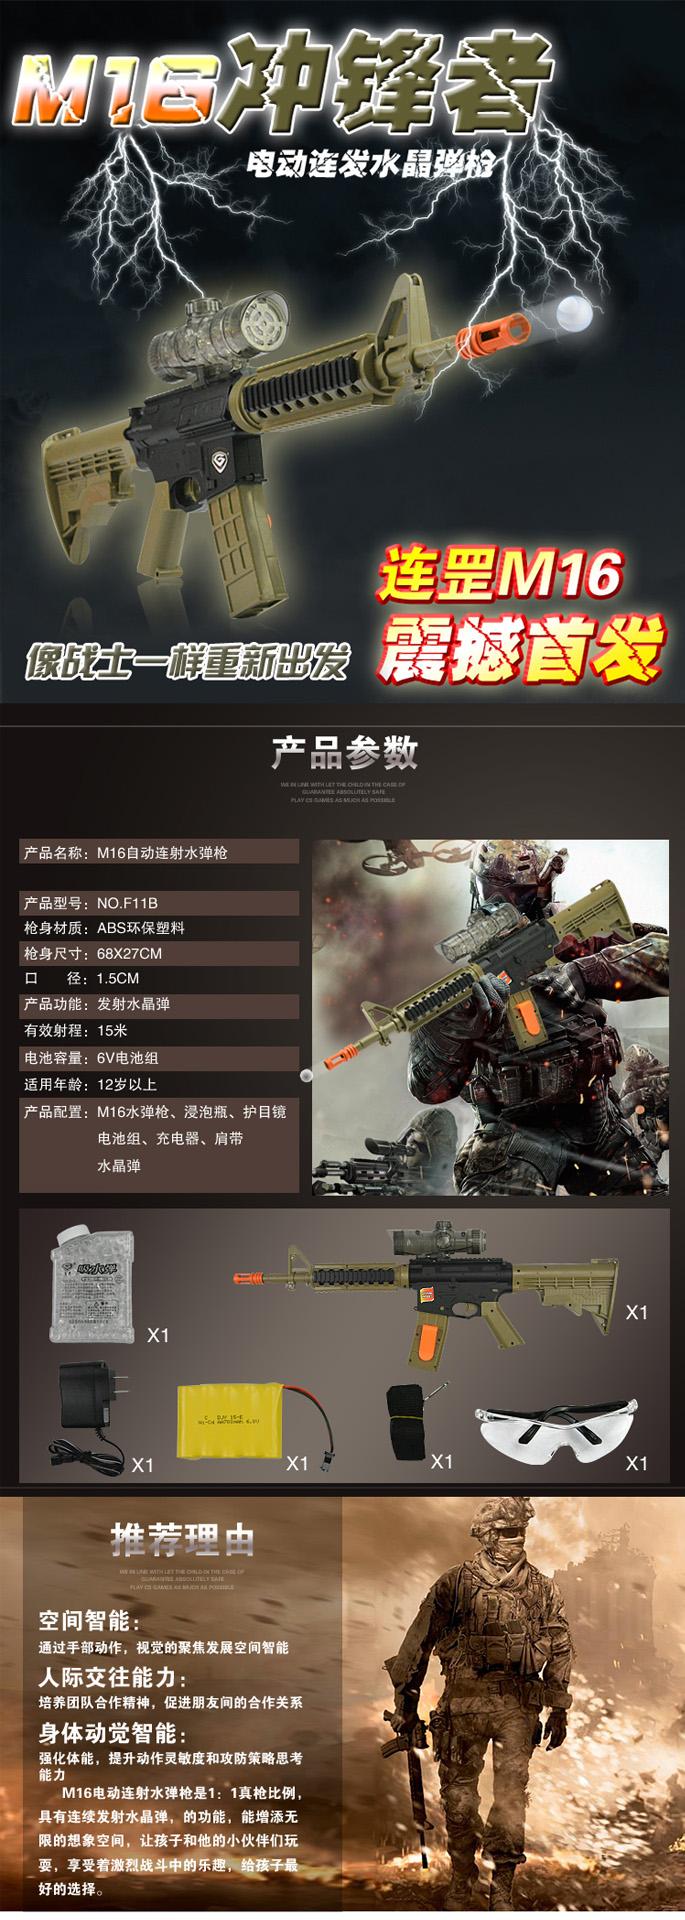 M16沖鋒者詳情頁